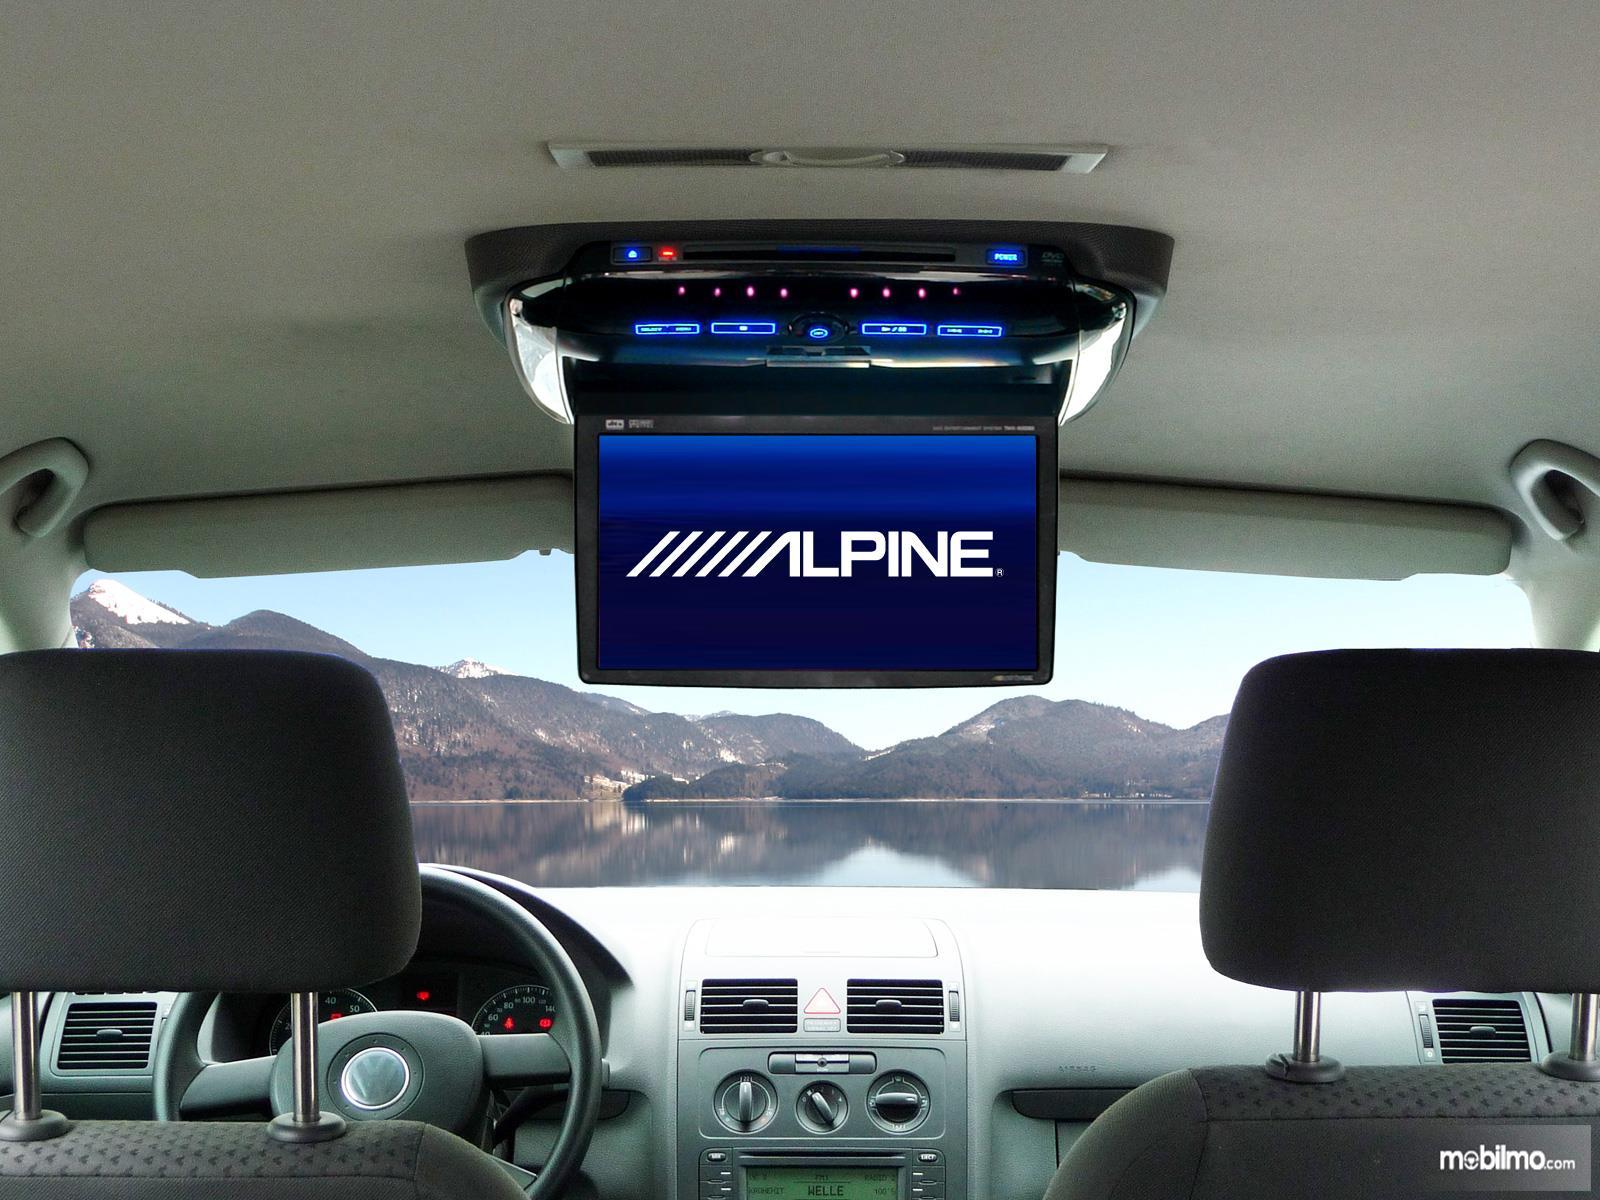 Foto menunjukkan mobil dengan layar hiburan roof monitor aftermarket